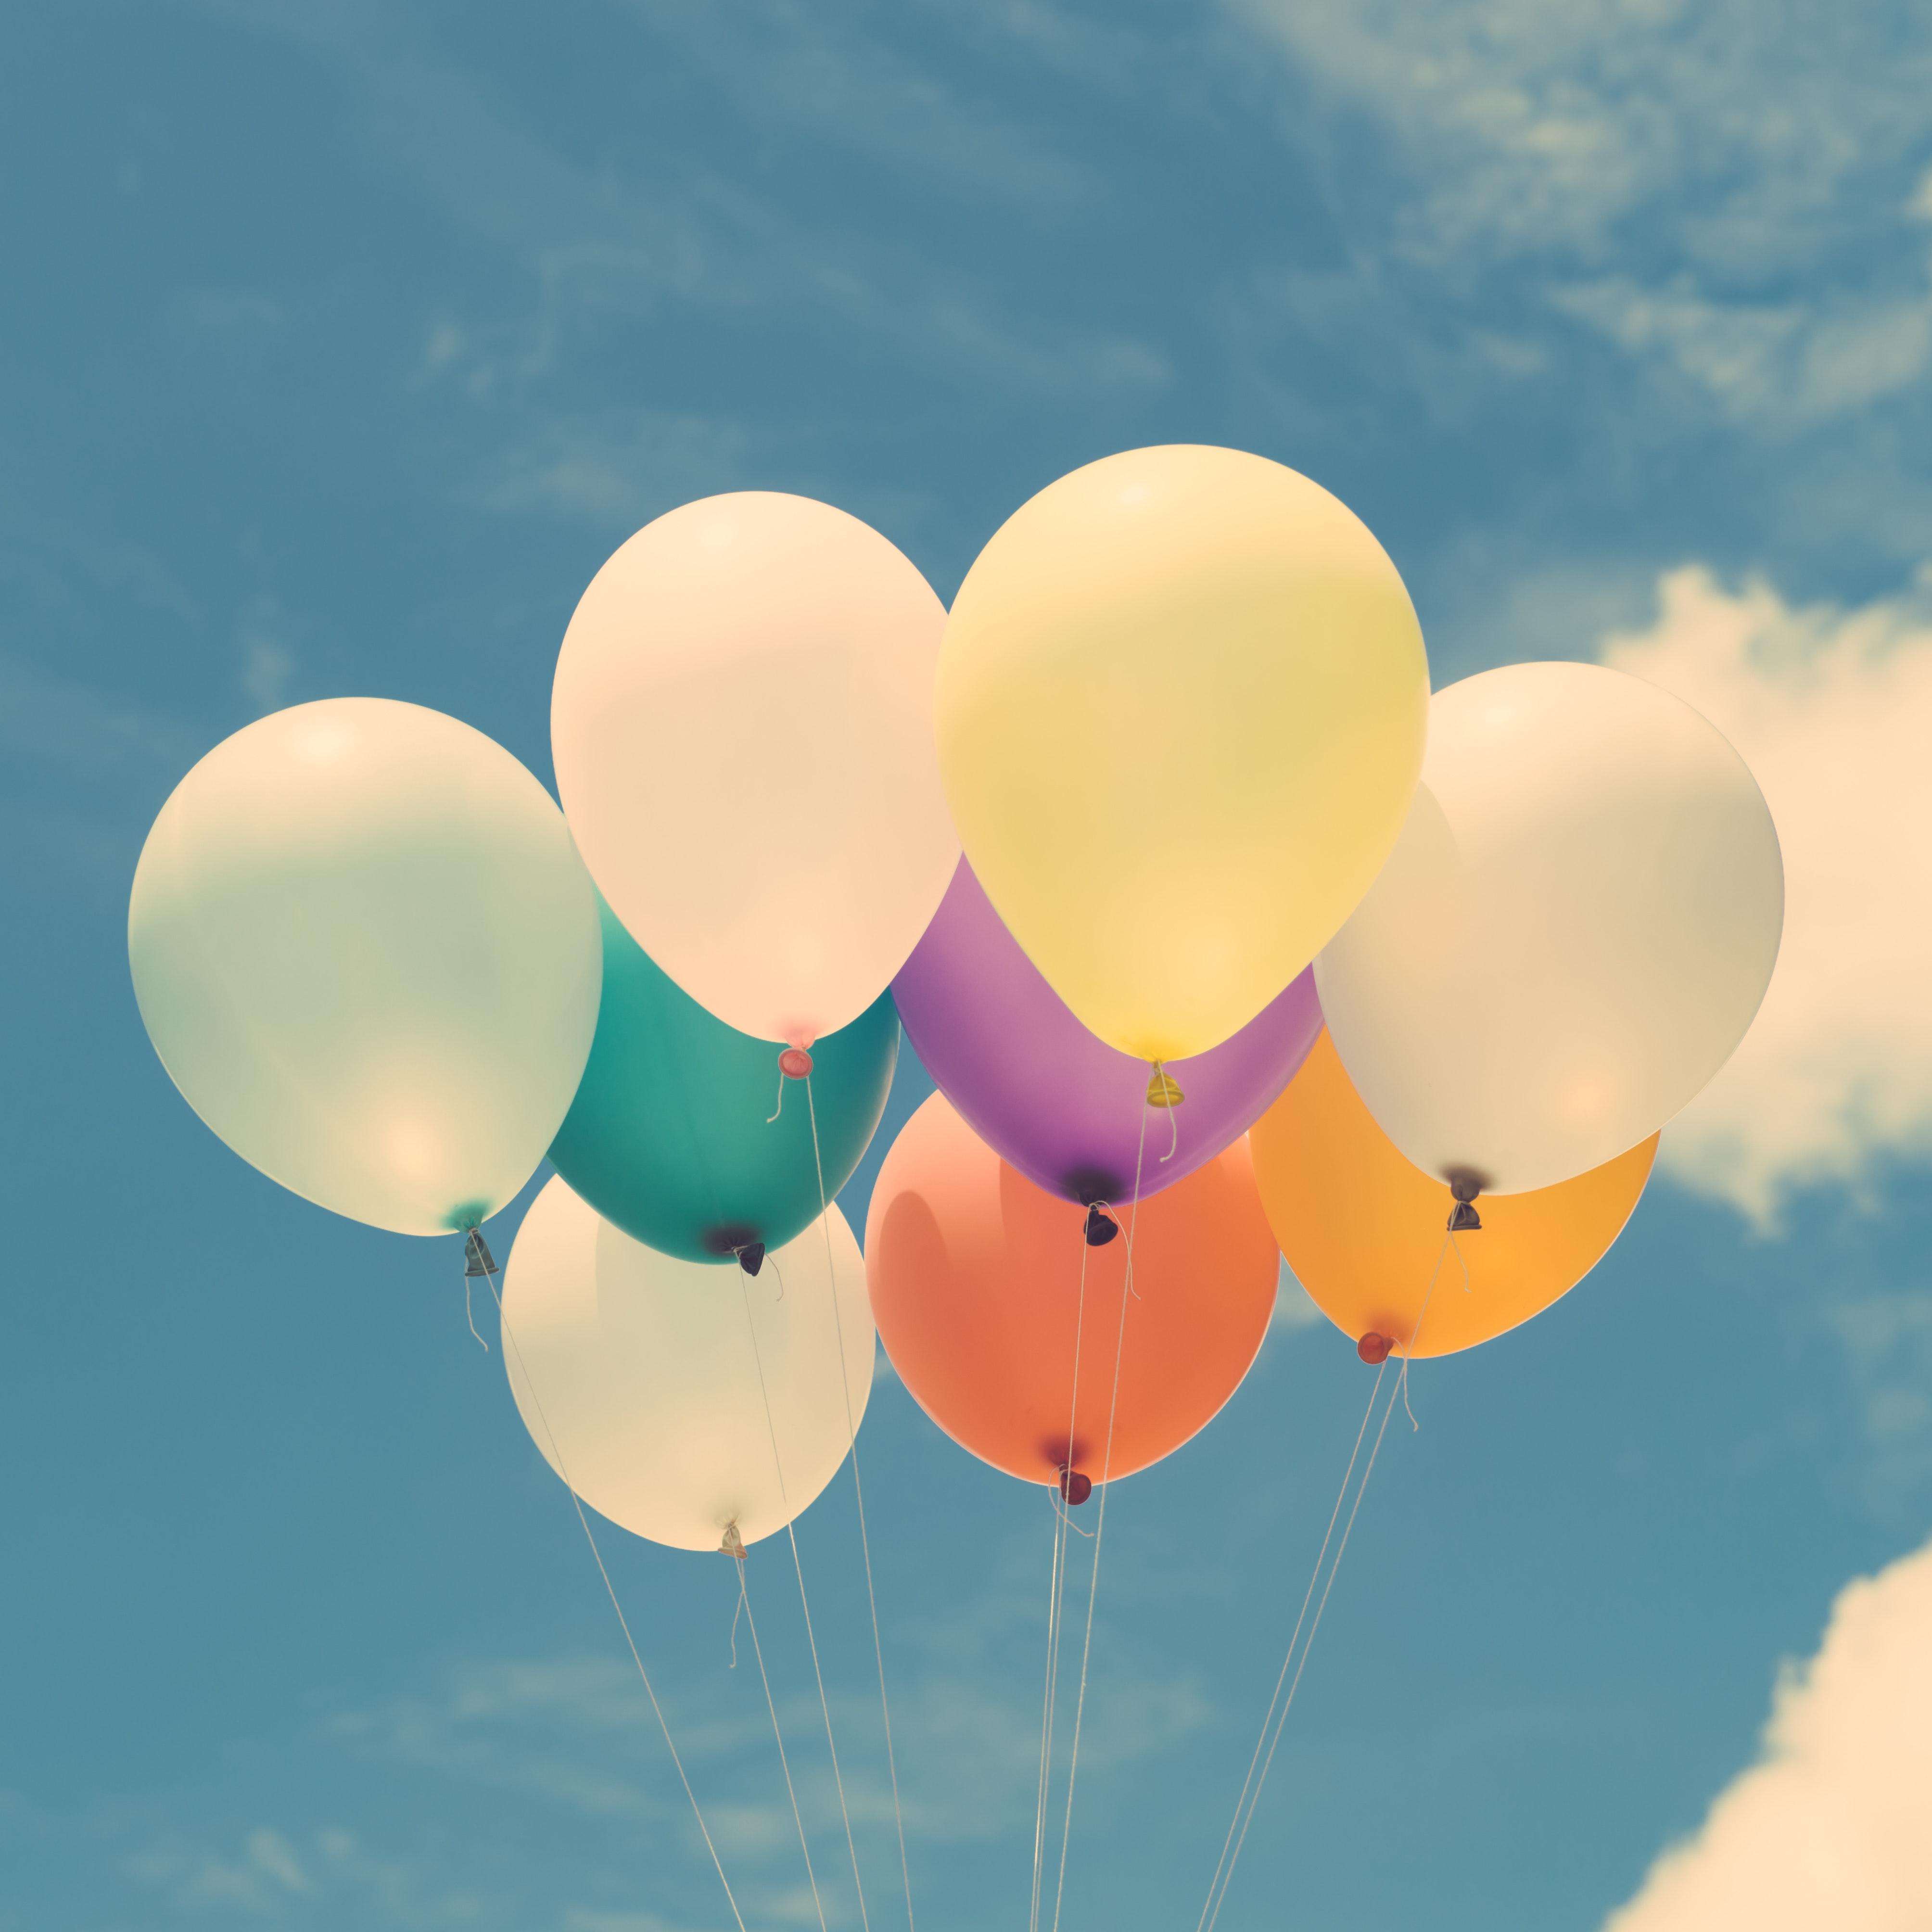 92947 скачать обои Разное, Разноцветный, Небо, Легкость, Полет, Счастье, Воздушные Шары - заставки и картинки бесплатно